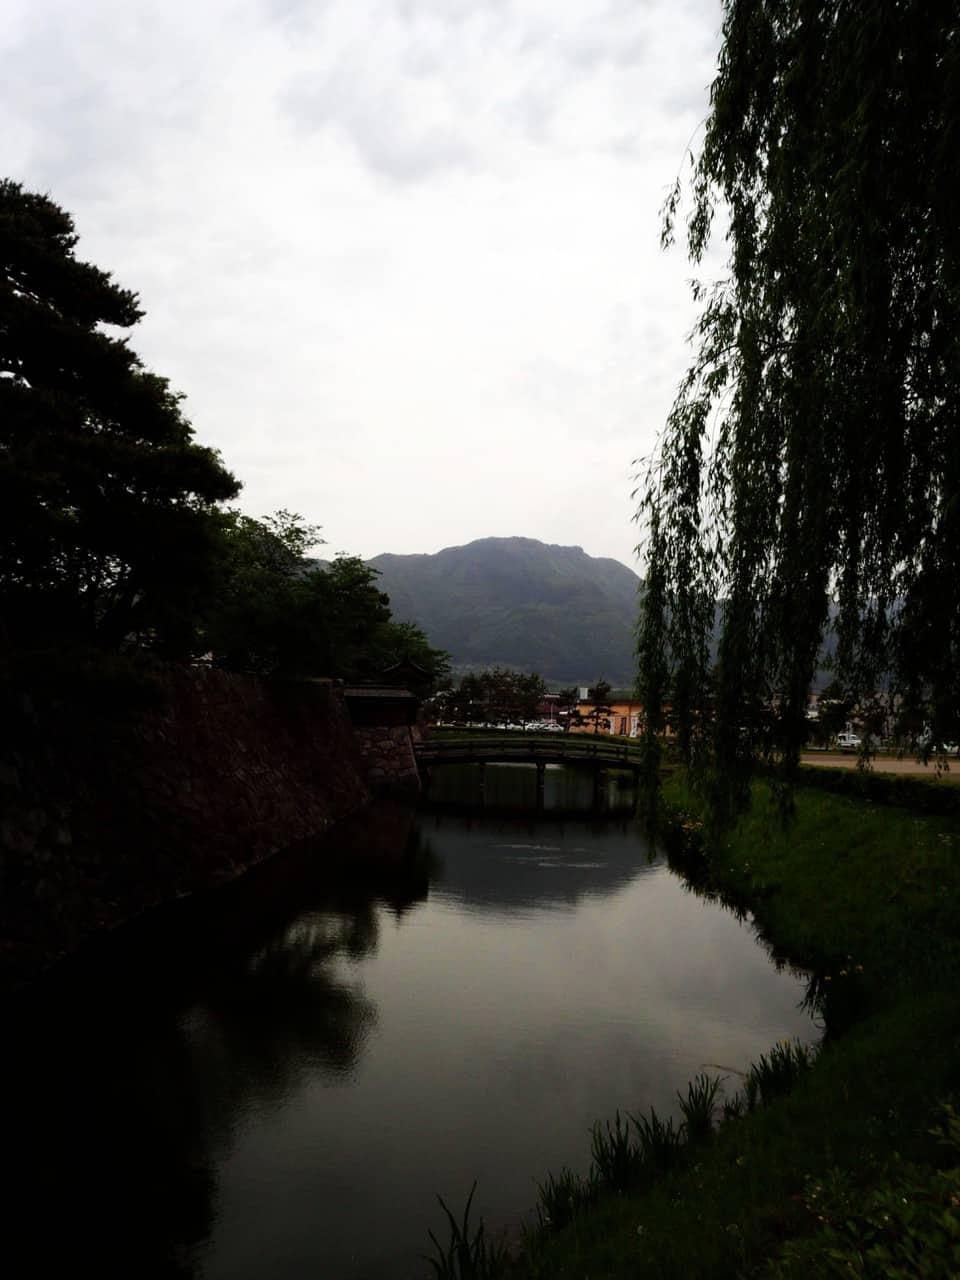 Authentic Matsushiro in Nagano City